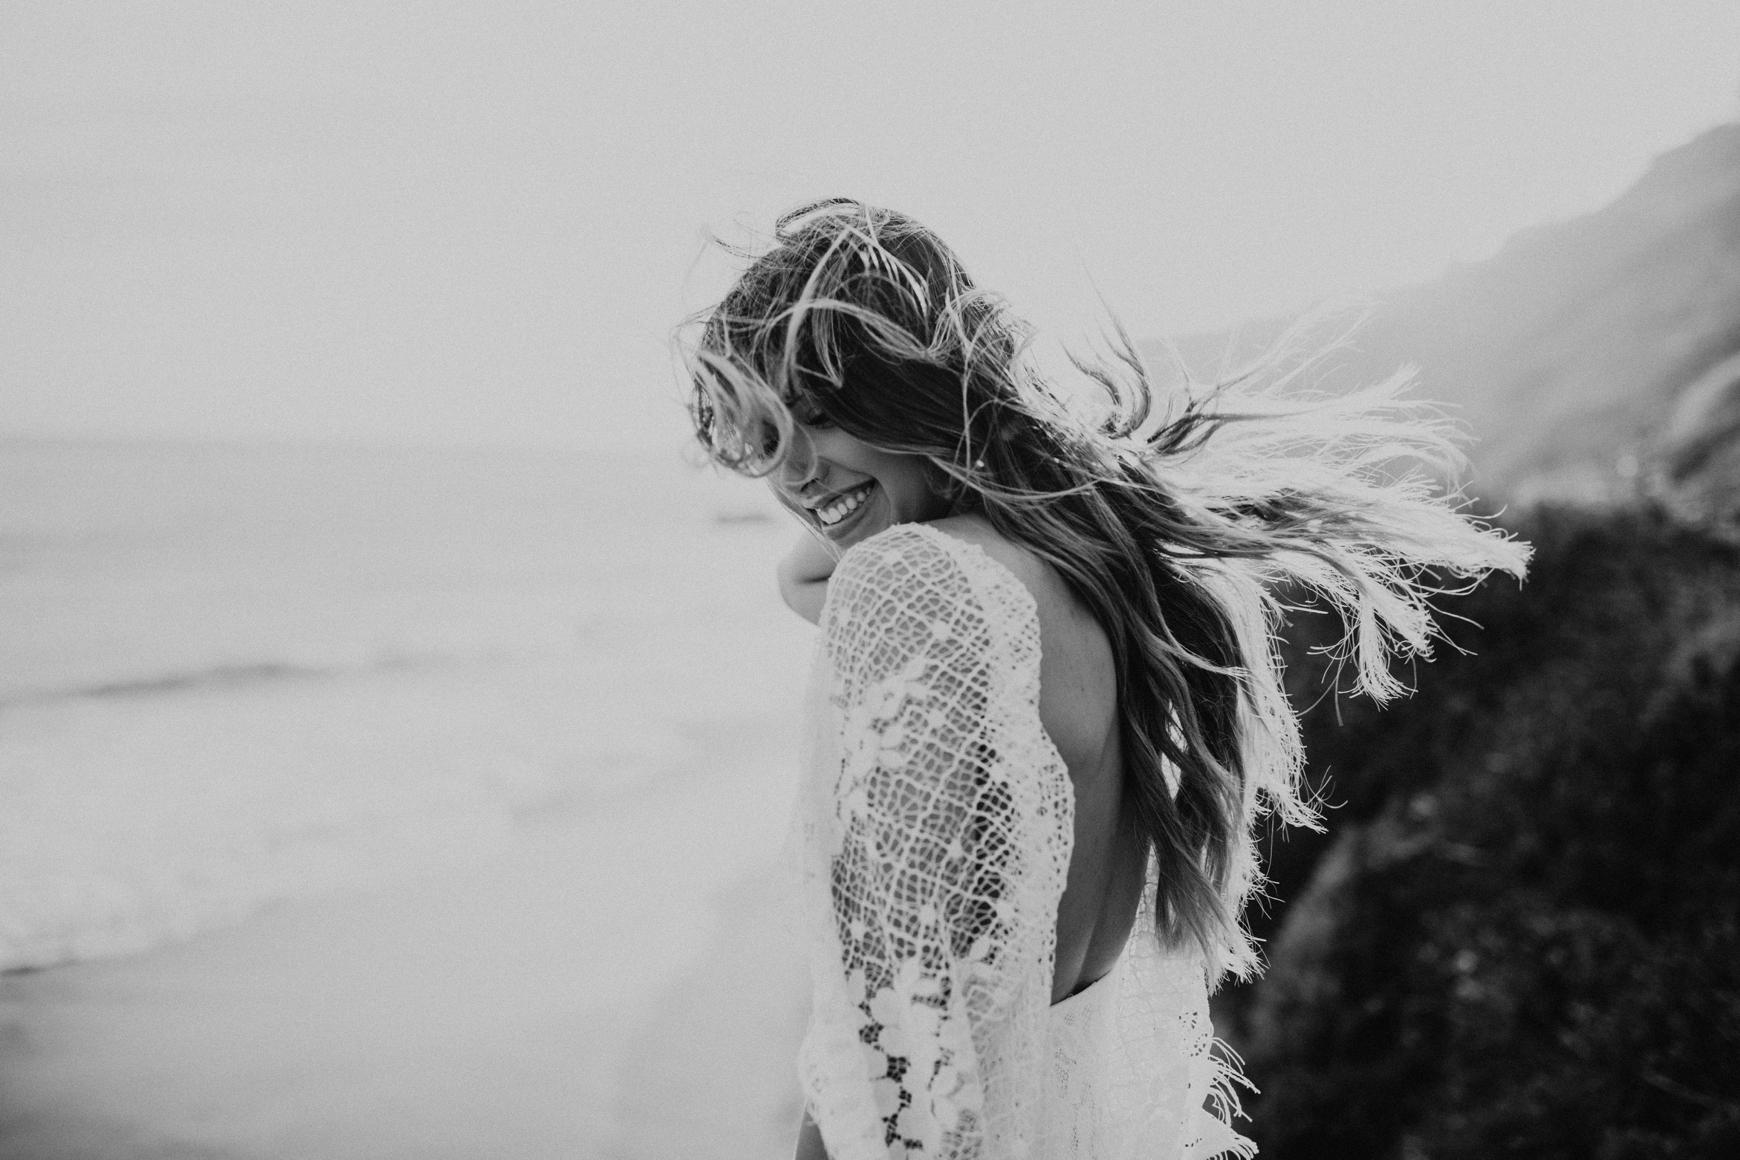 El Matador Beach Bridal Portraits Justellen & TJ Emily Magers Photography-183Emily Magers Photography.jpg